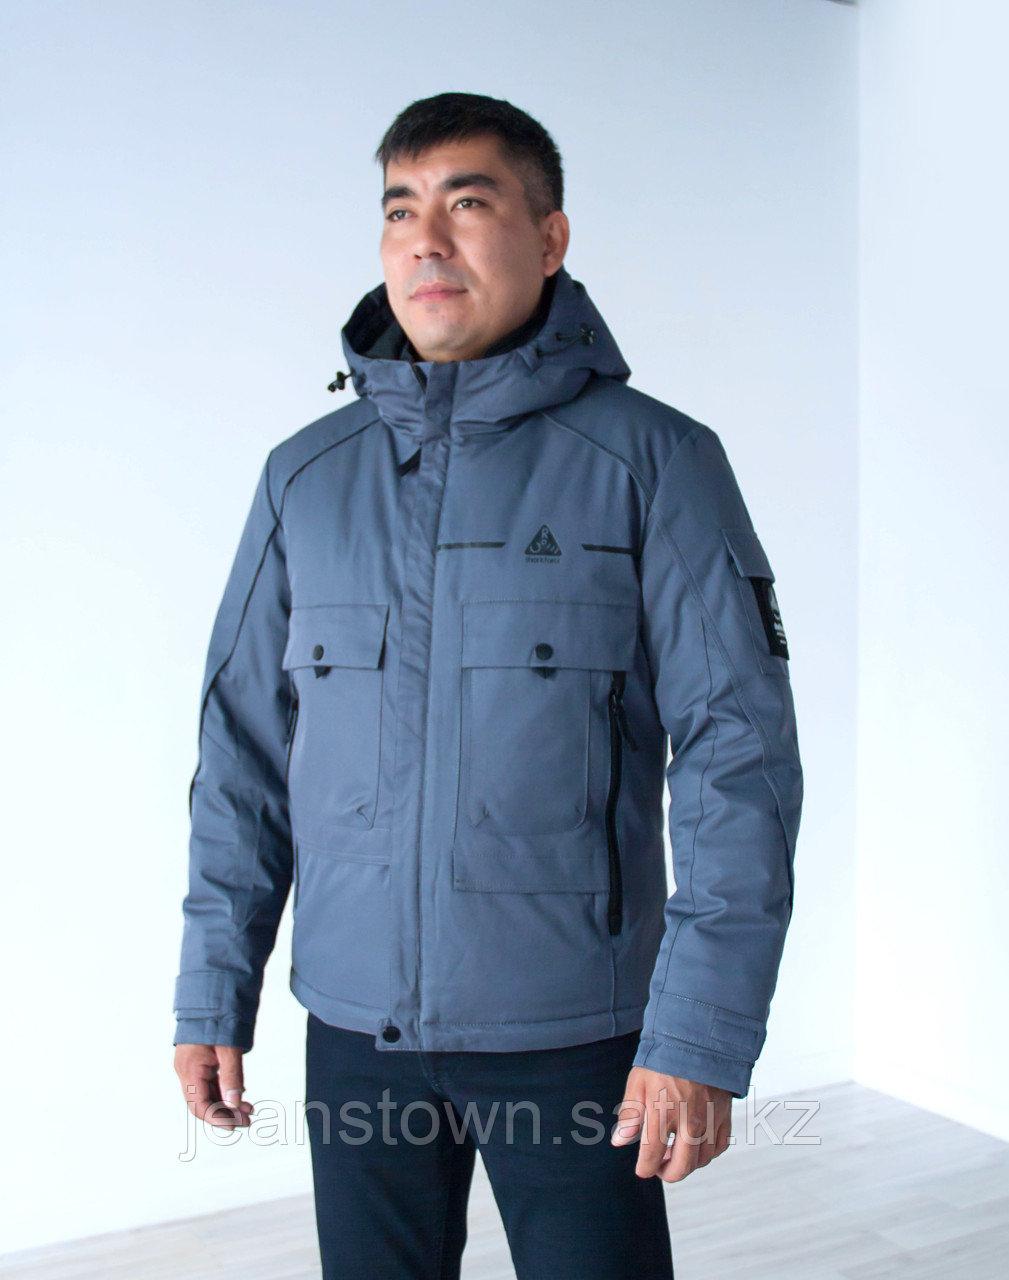 Куртка мужская зимняя Shark Force серая